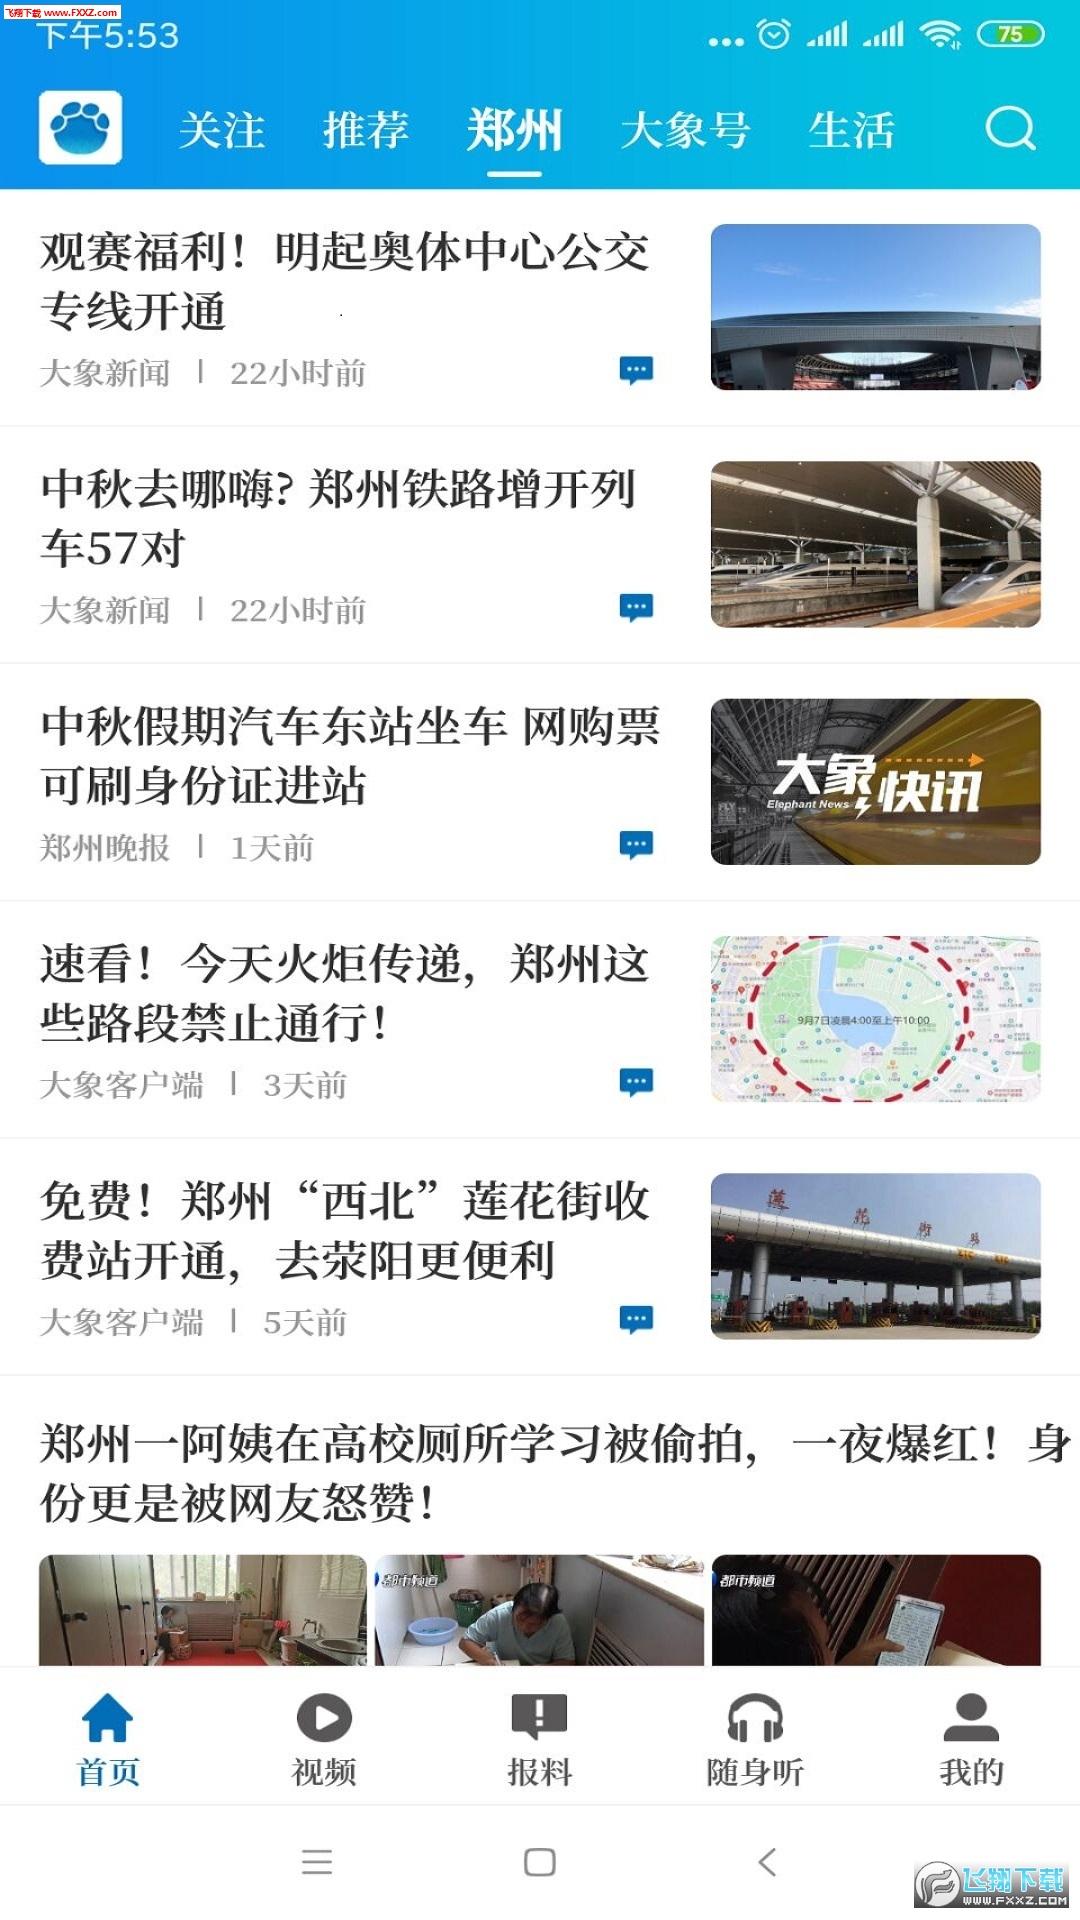 大象新闻手机版v1.13.2截图1